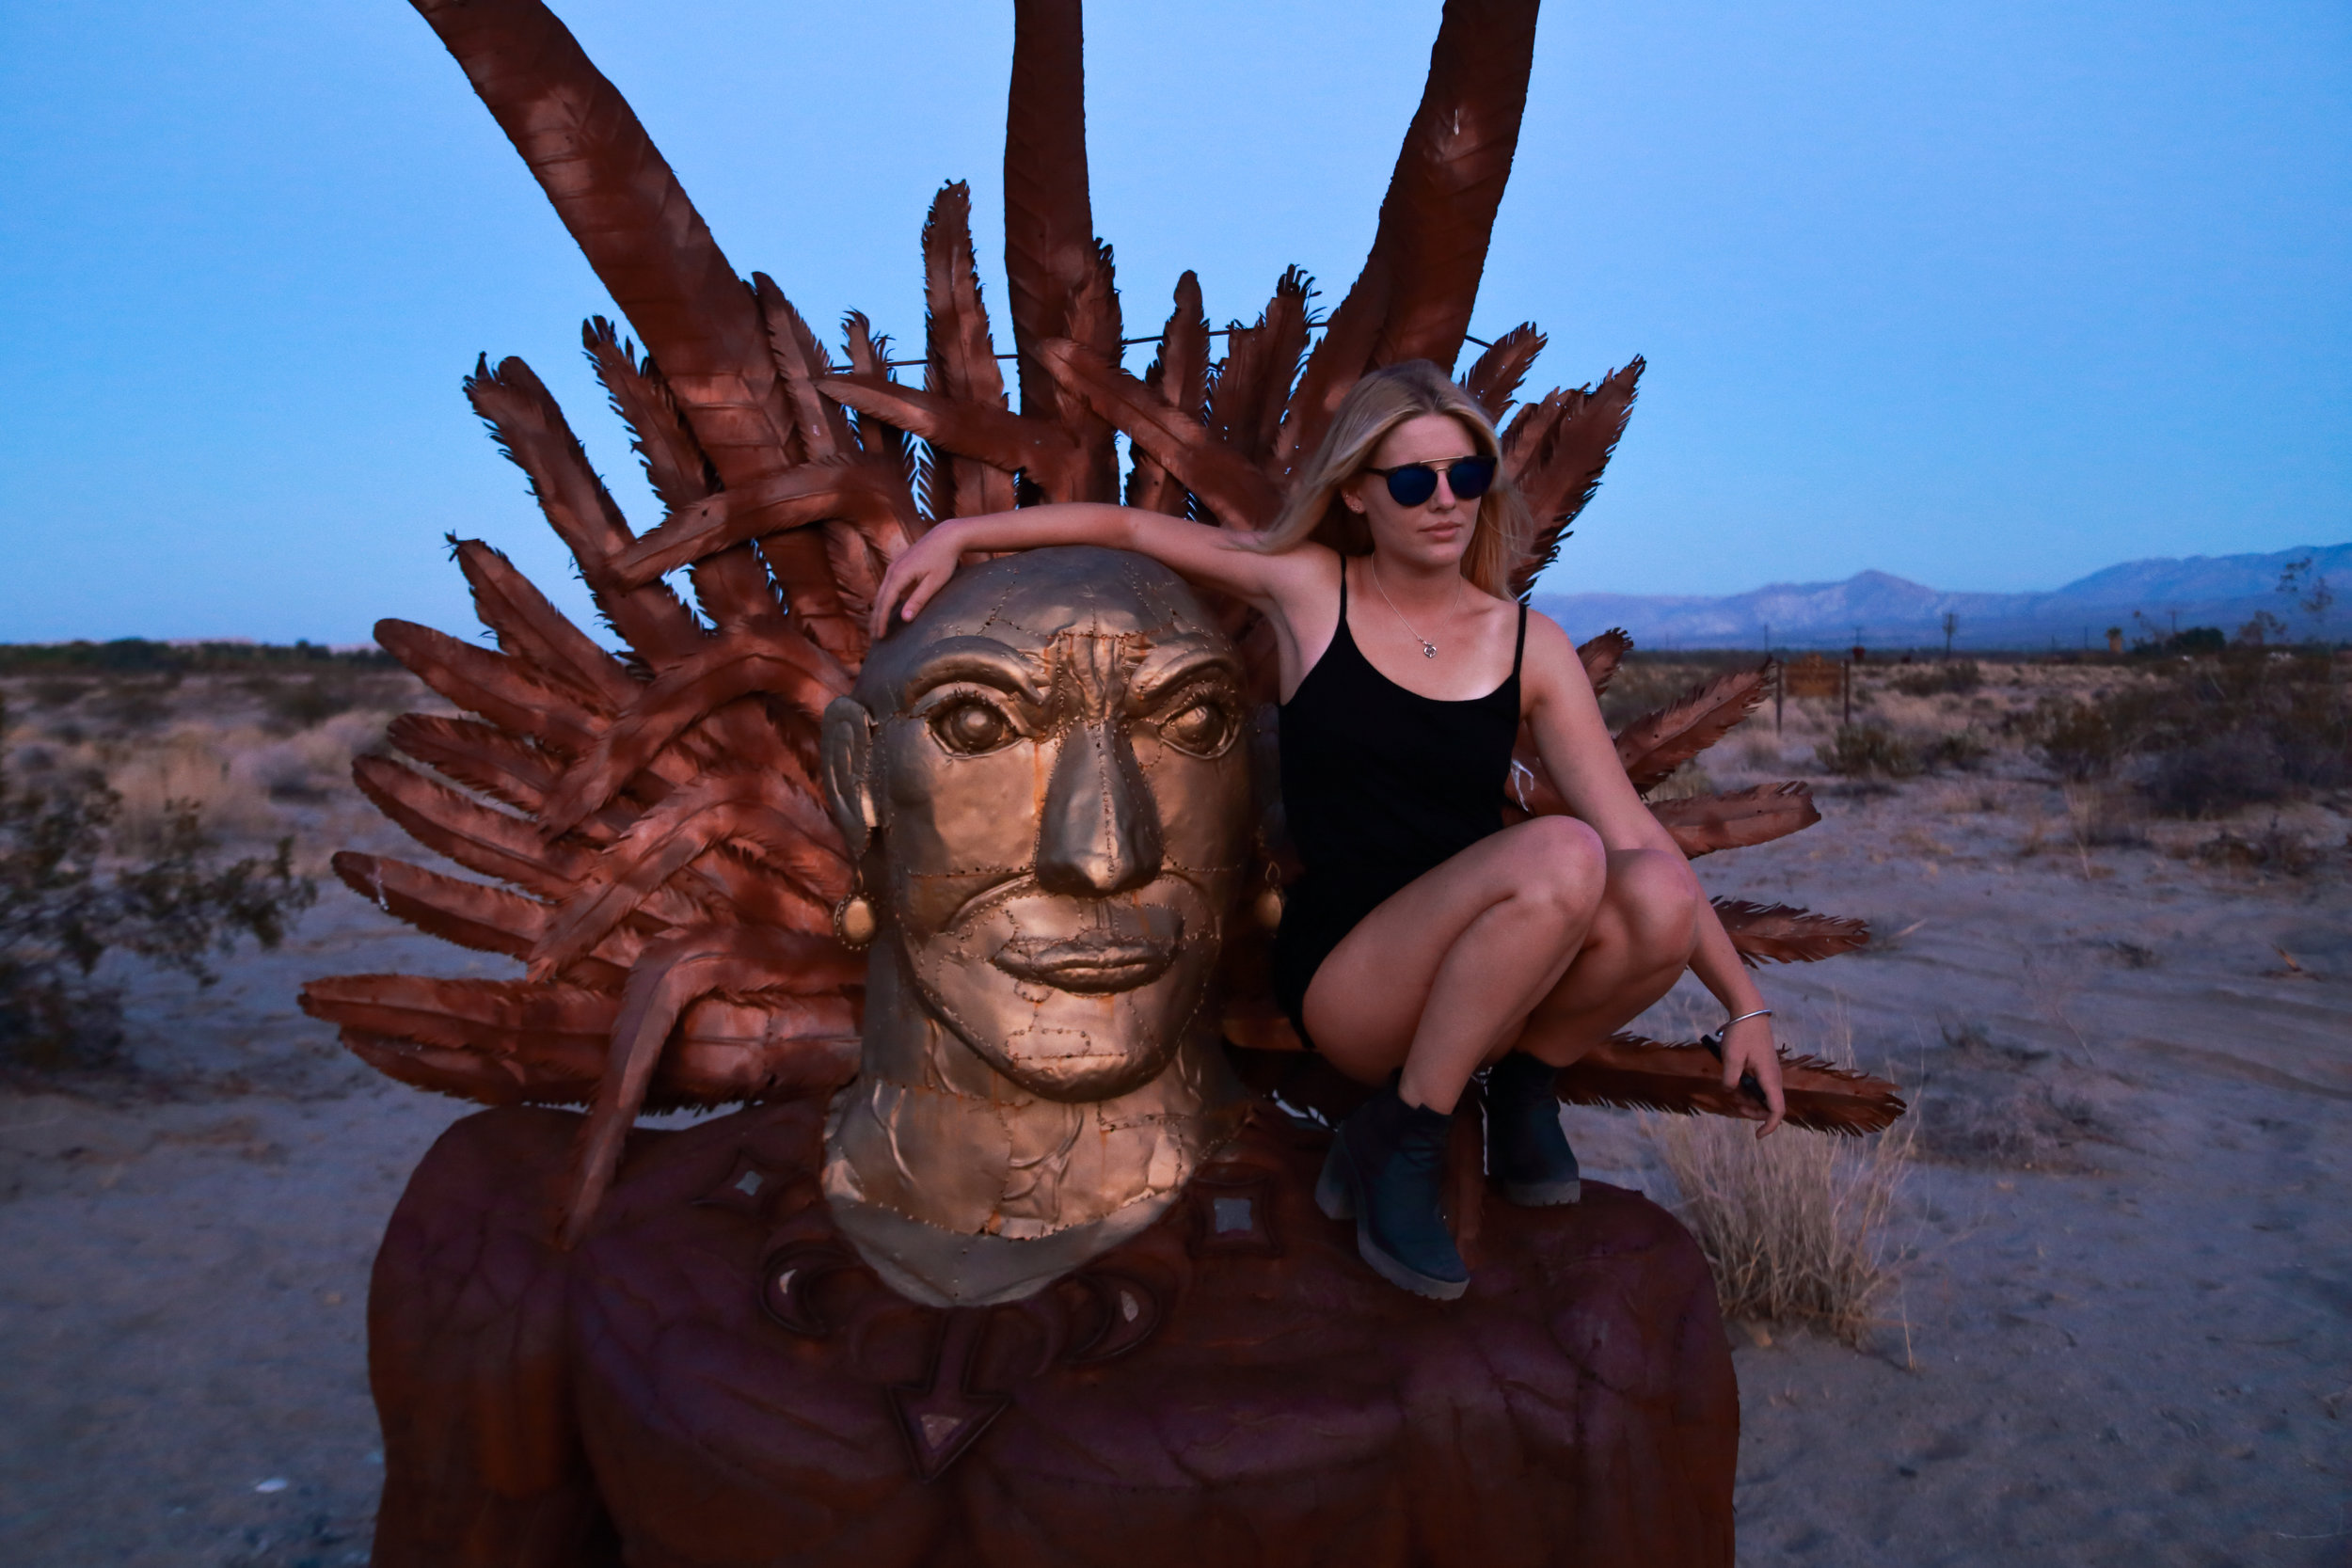 More art by Ricardo Breceda in the heart of the desert.